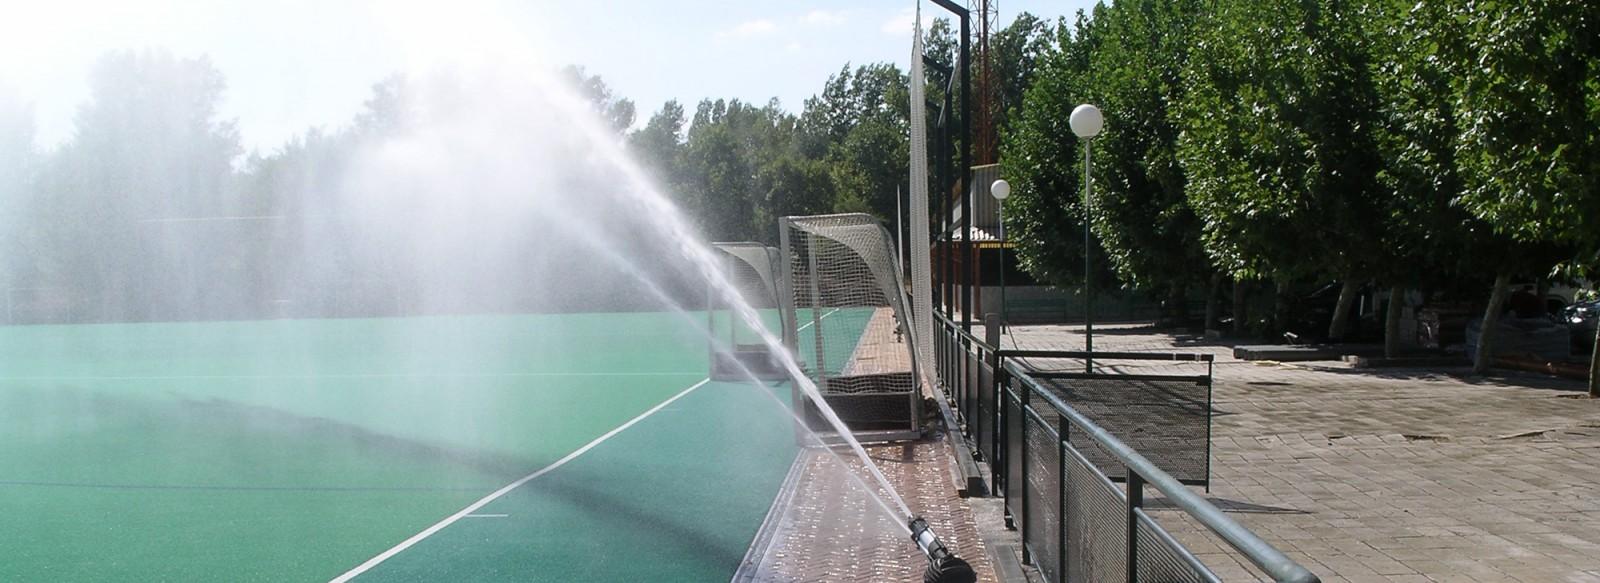 instalación riegos campos hockey